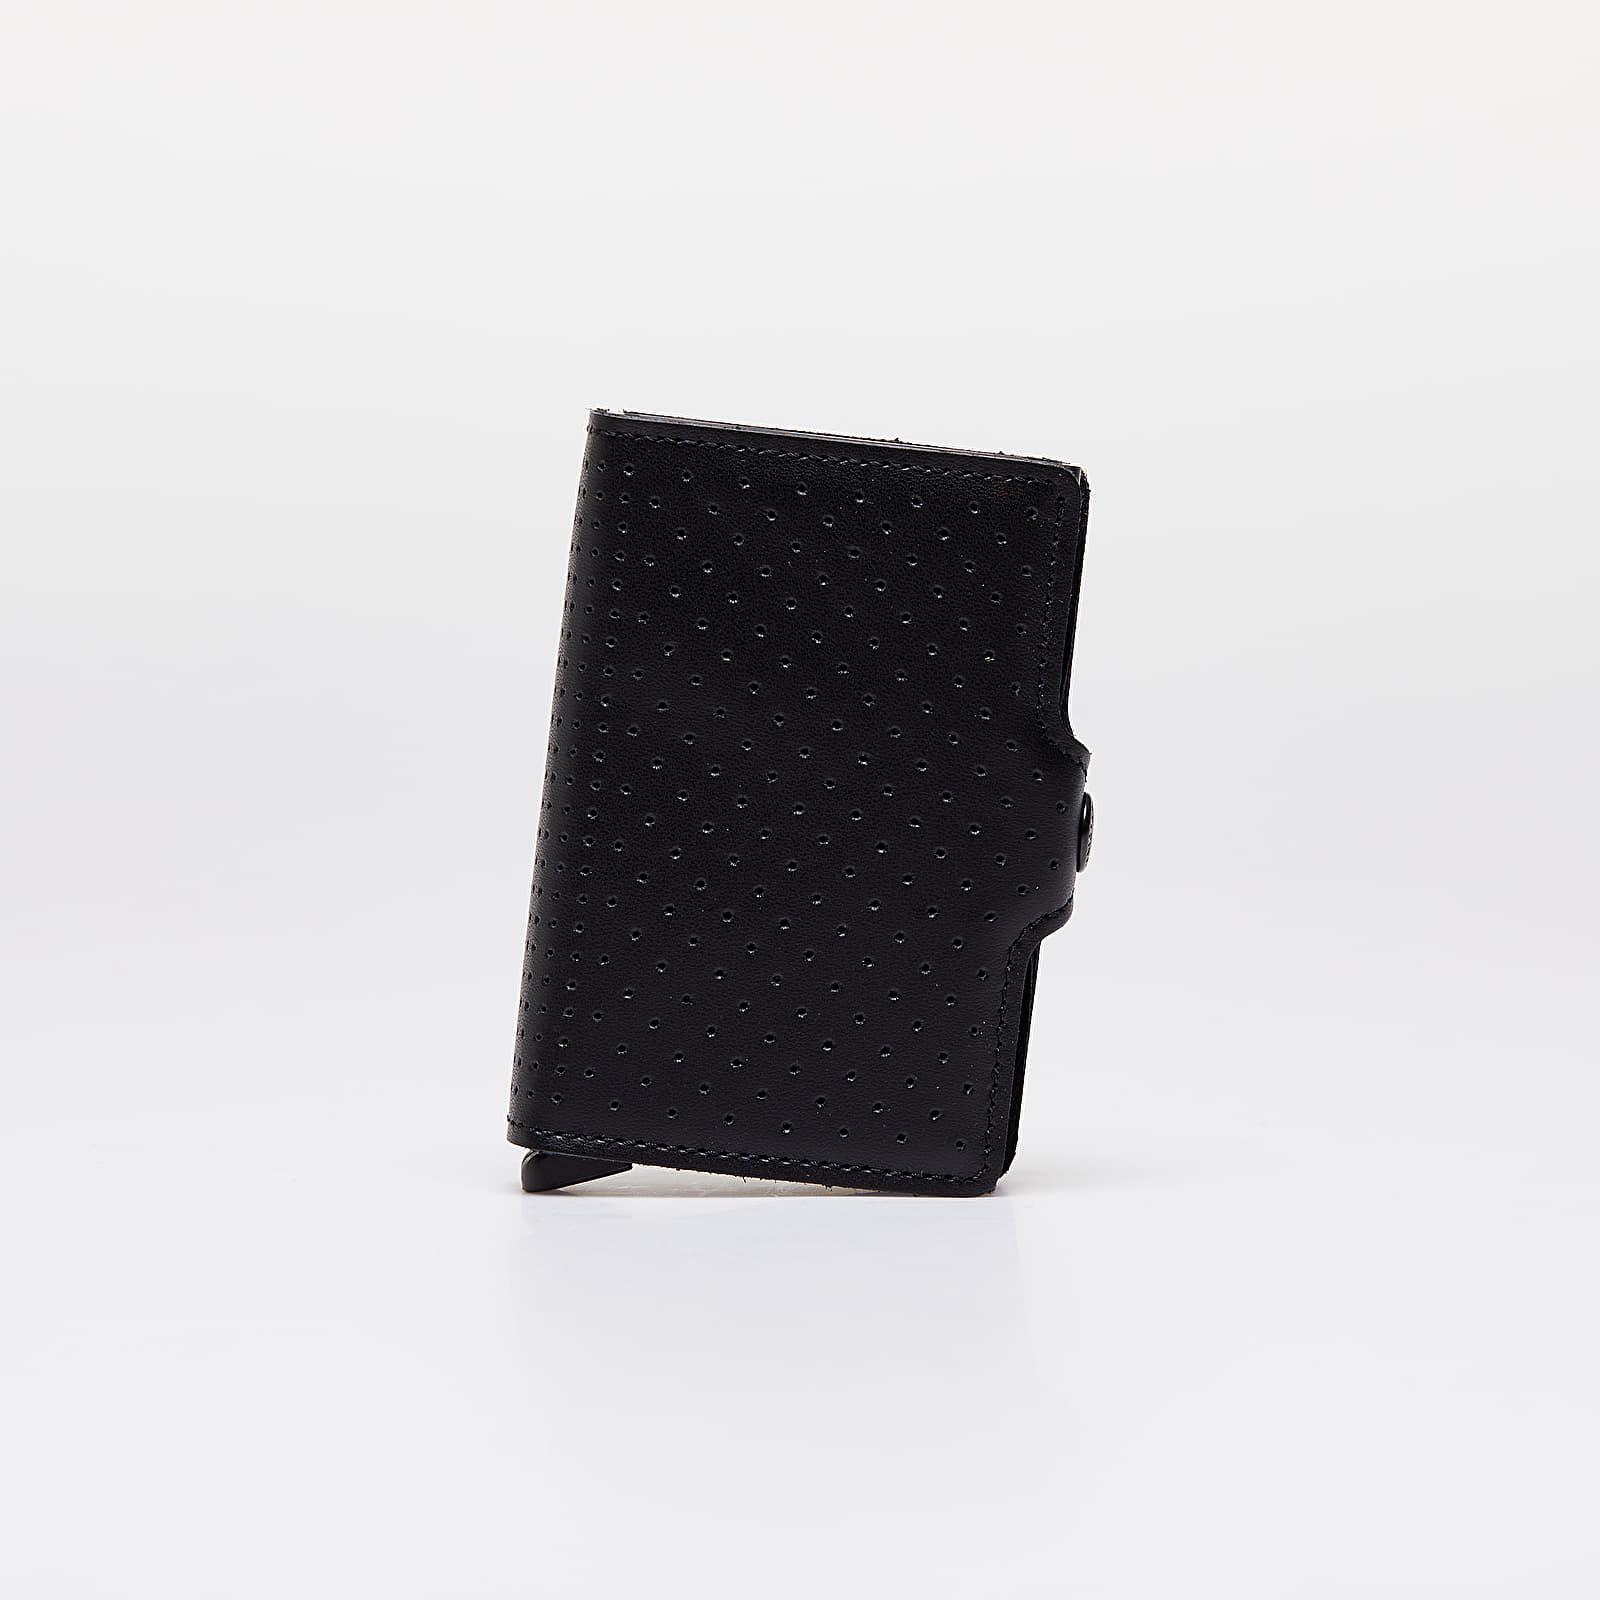 Pénztárcák SECRID Twinwallet Perforated Black